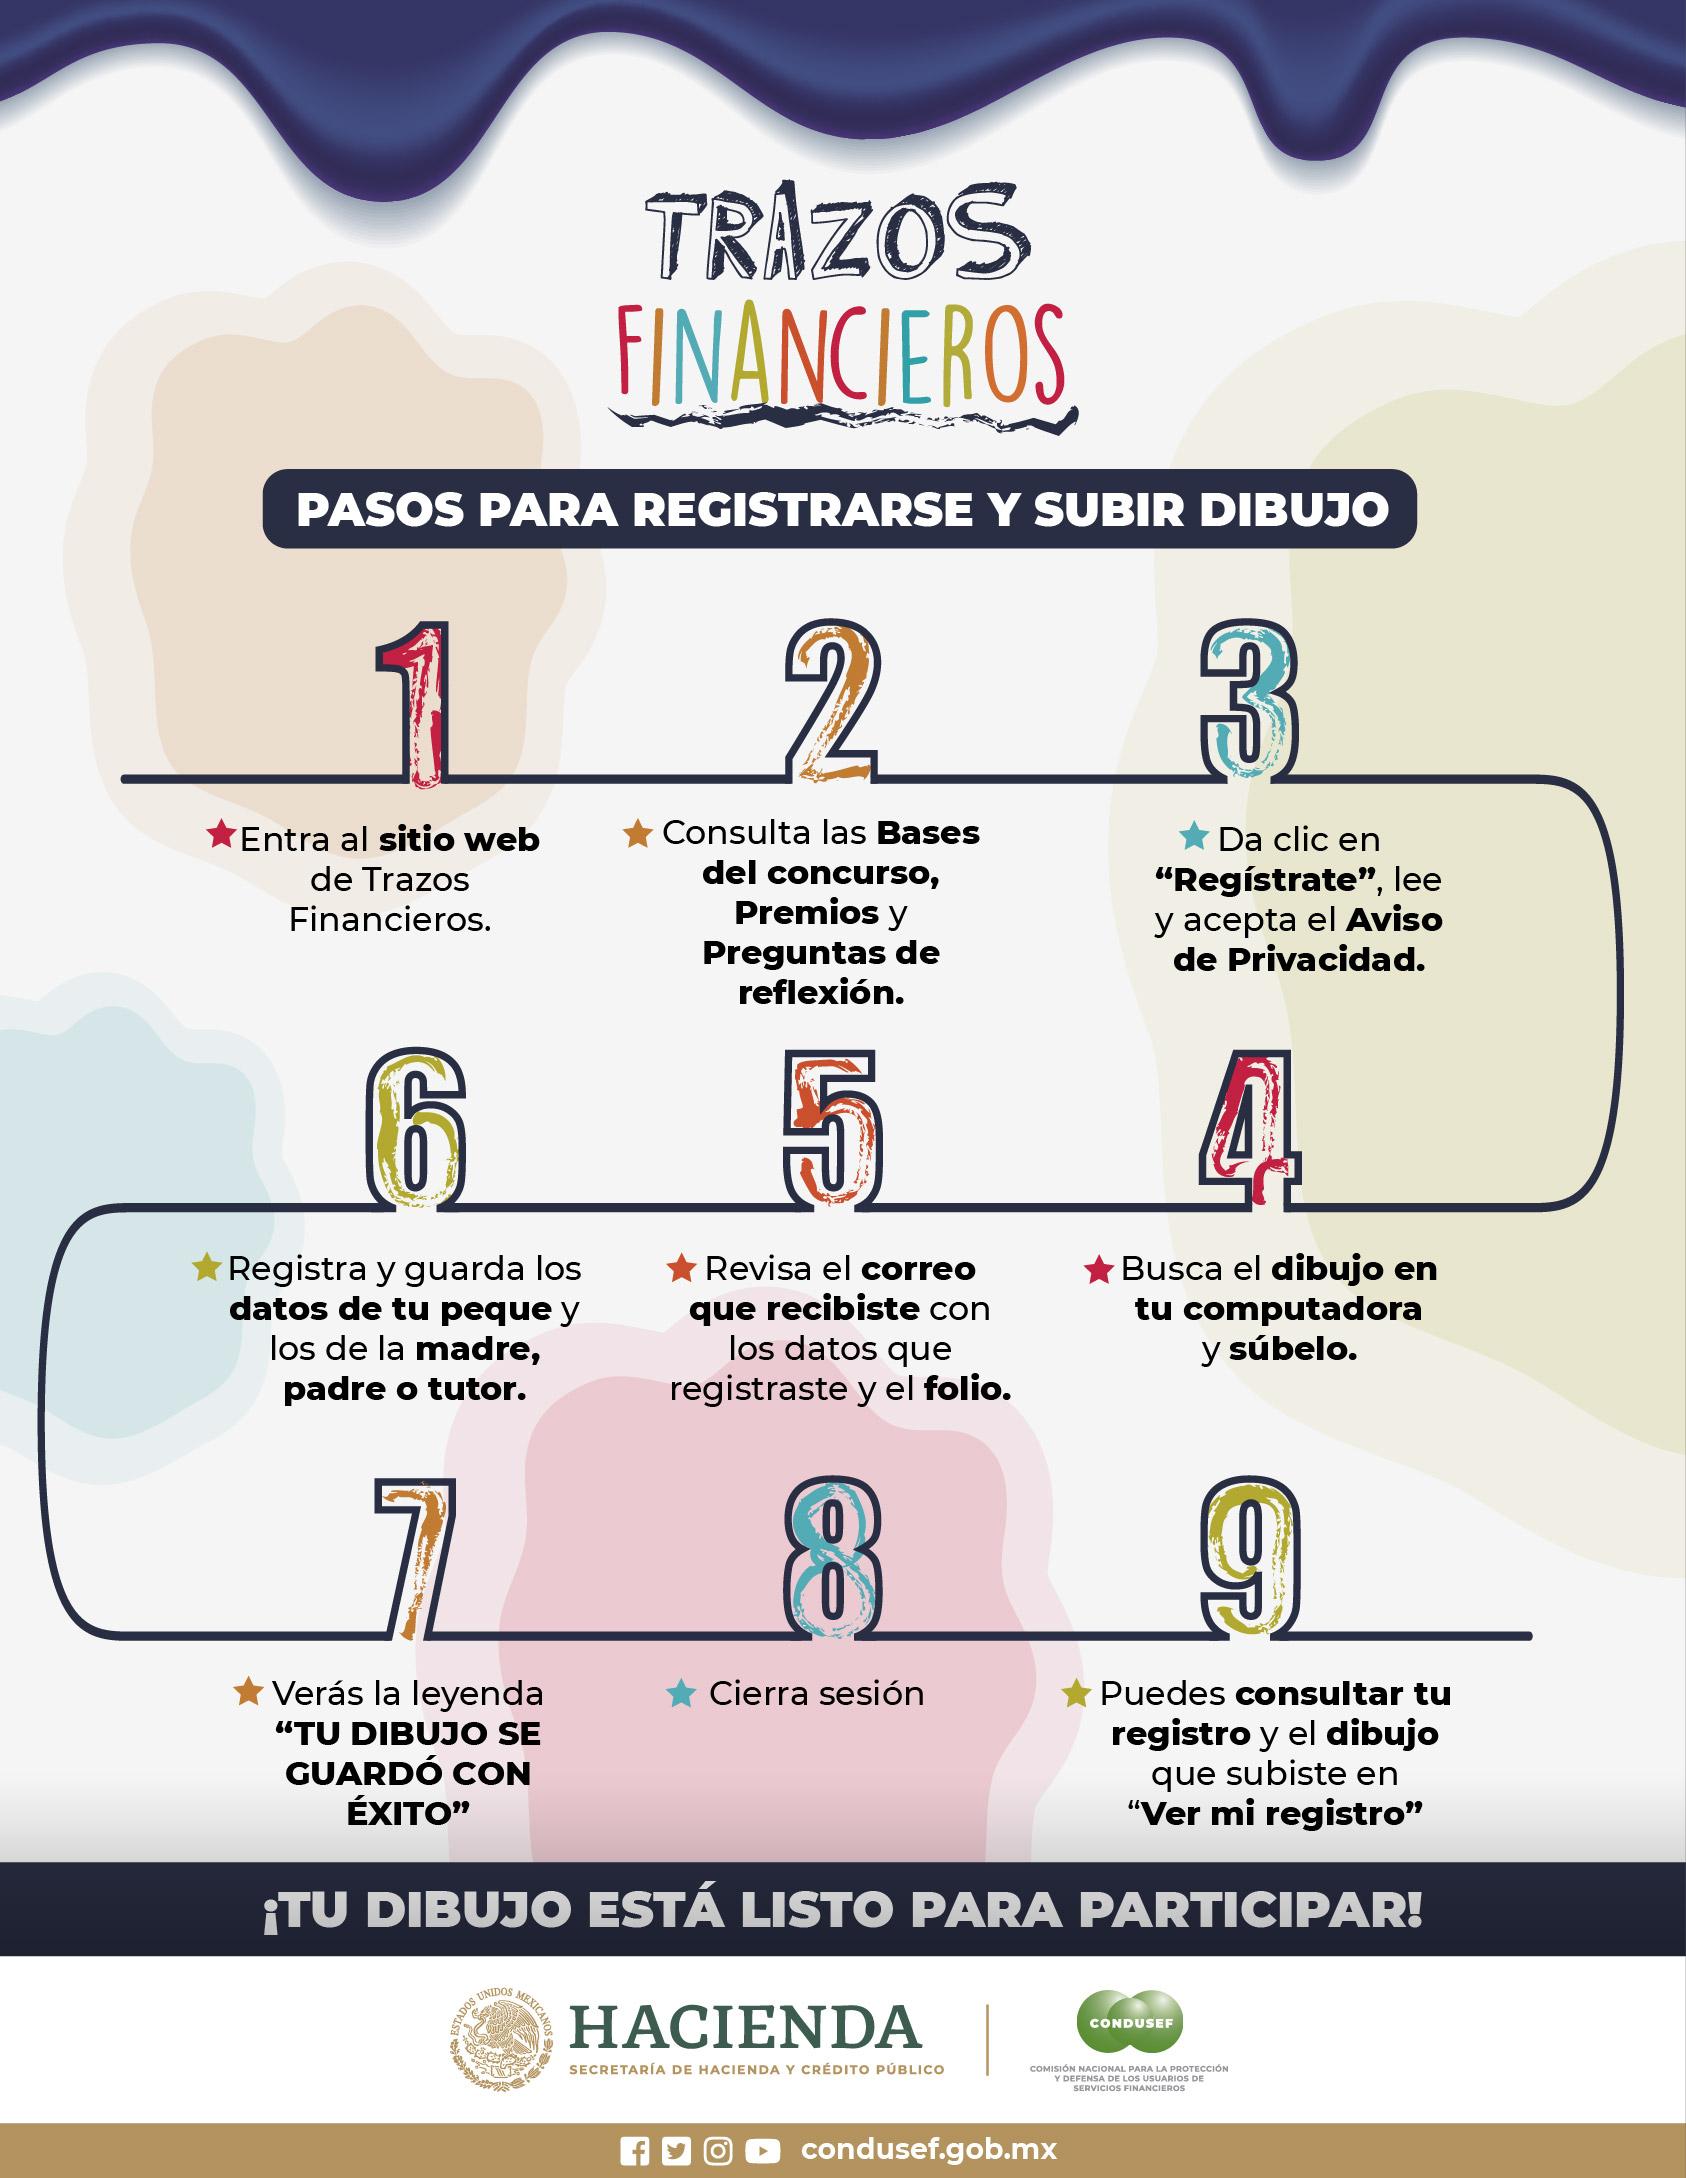 Trazos Financieros